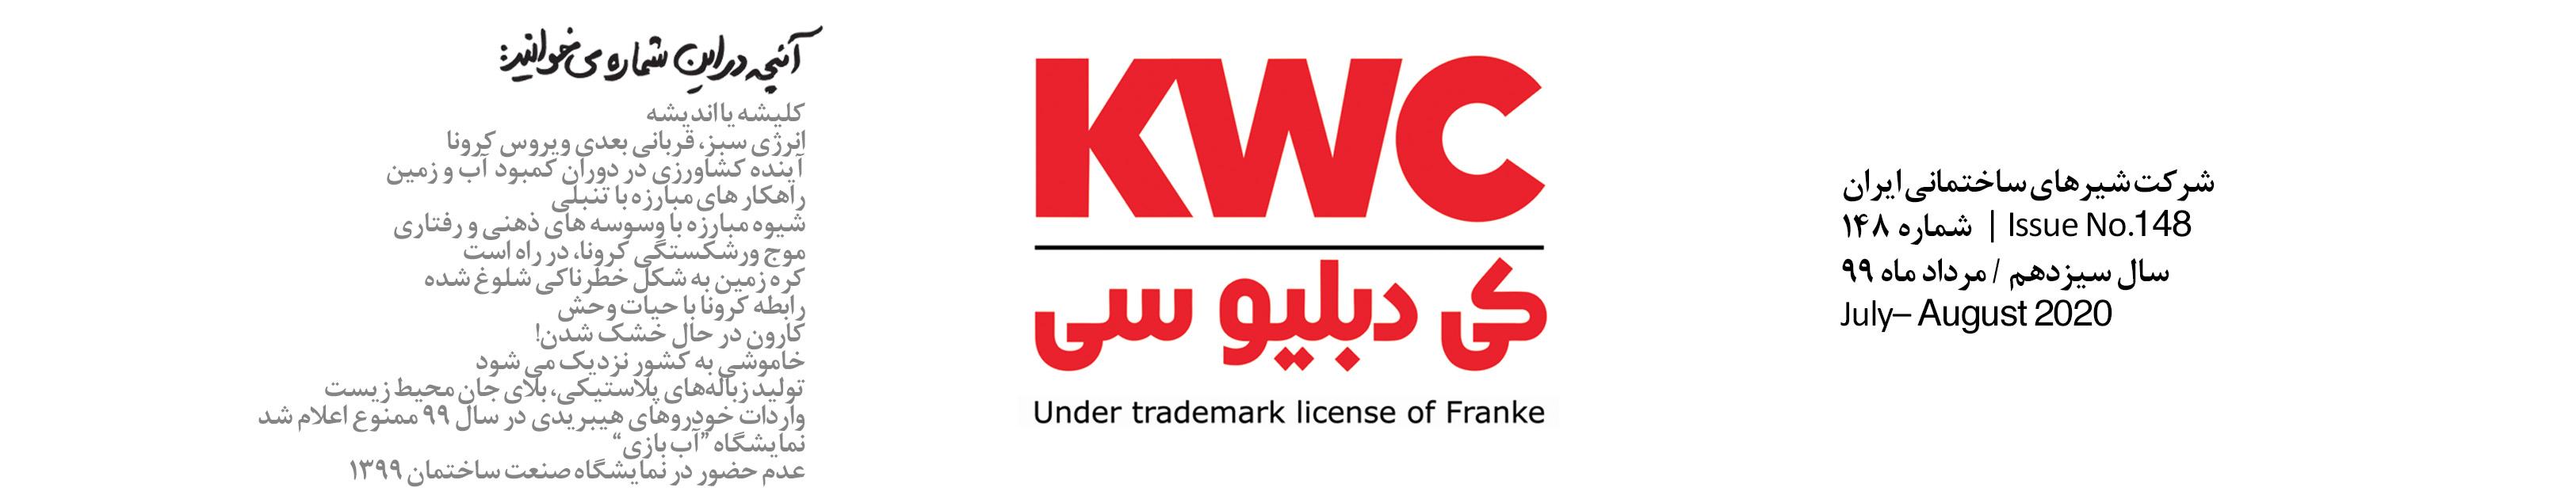 ماهنامه KWC